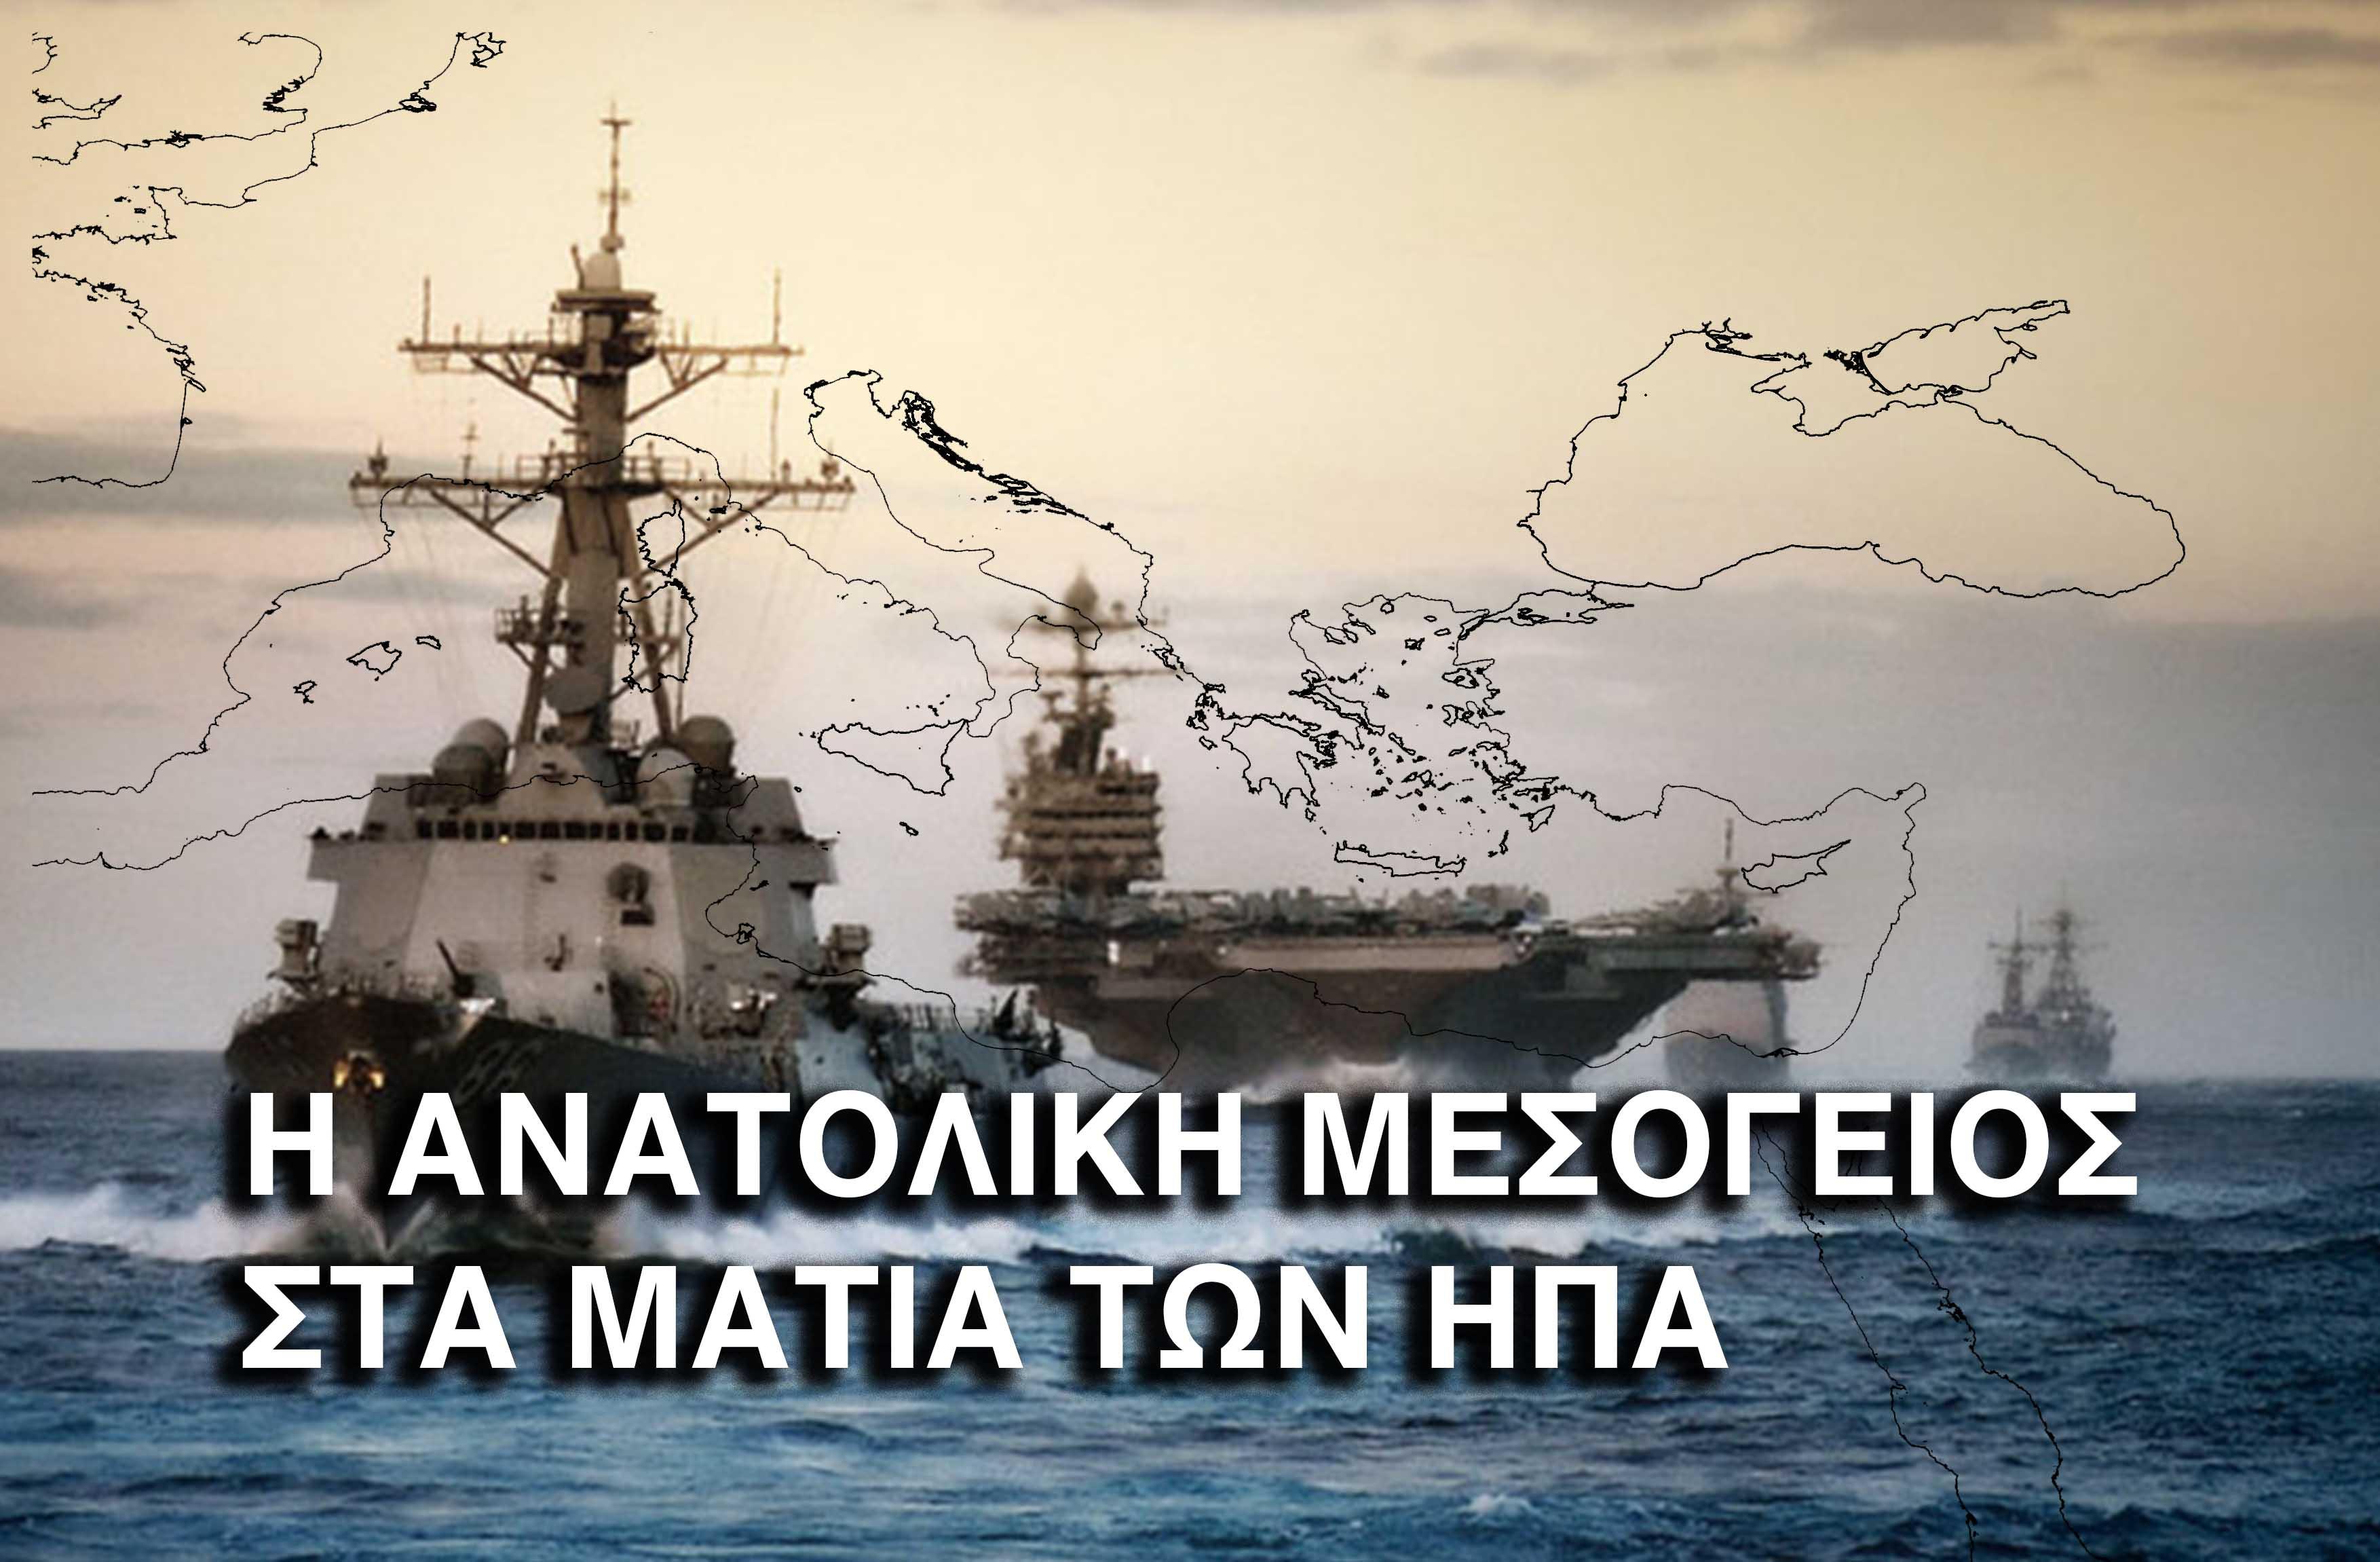 Τζ. Πάιατ: «Η γεωστρατηγική θέση της Ελλάδας είναι πολύ σημαντική για τη σταθερότητα της ΝΑ Μεσογείου»